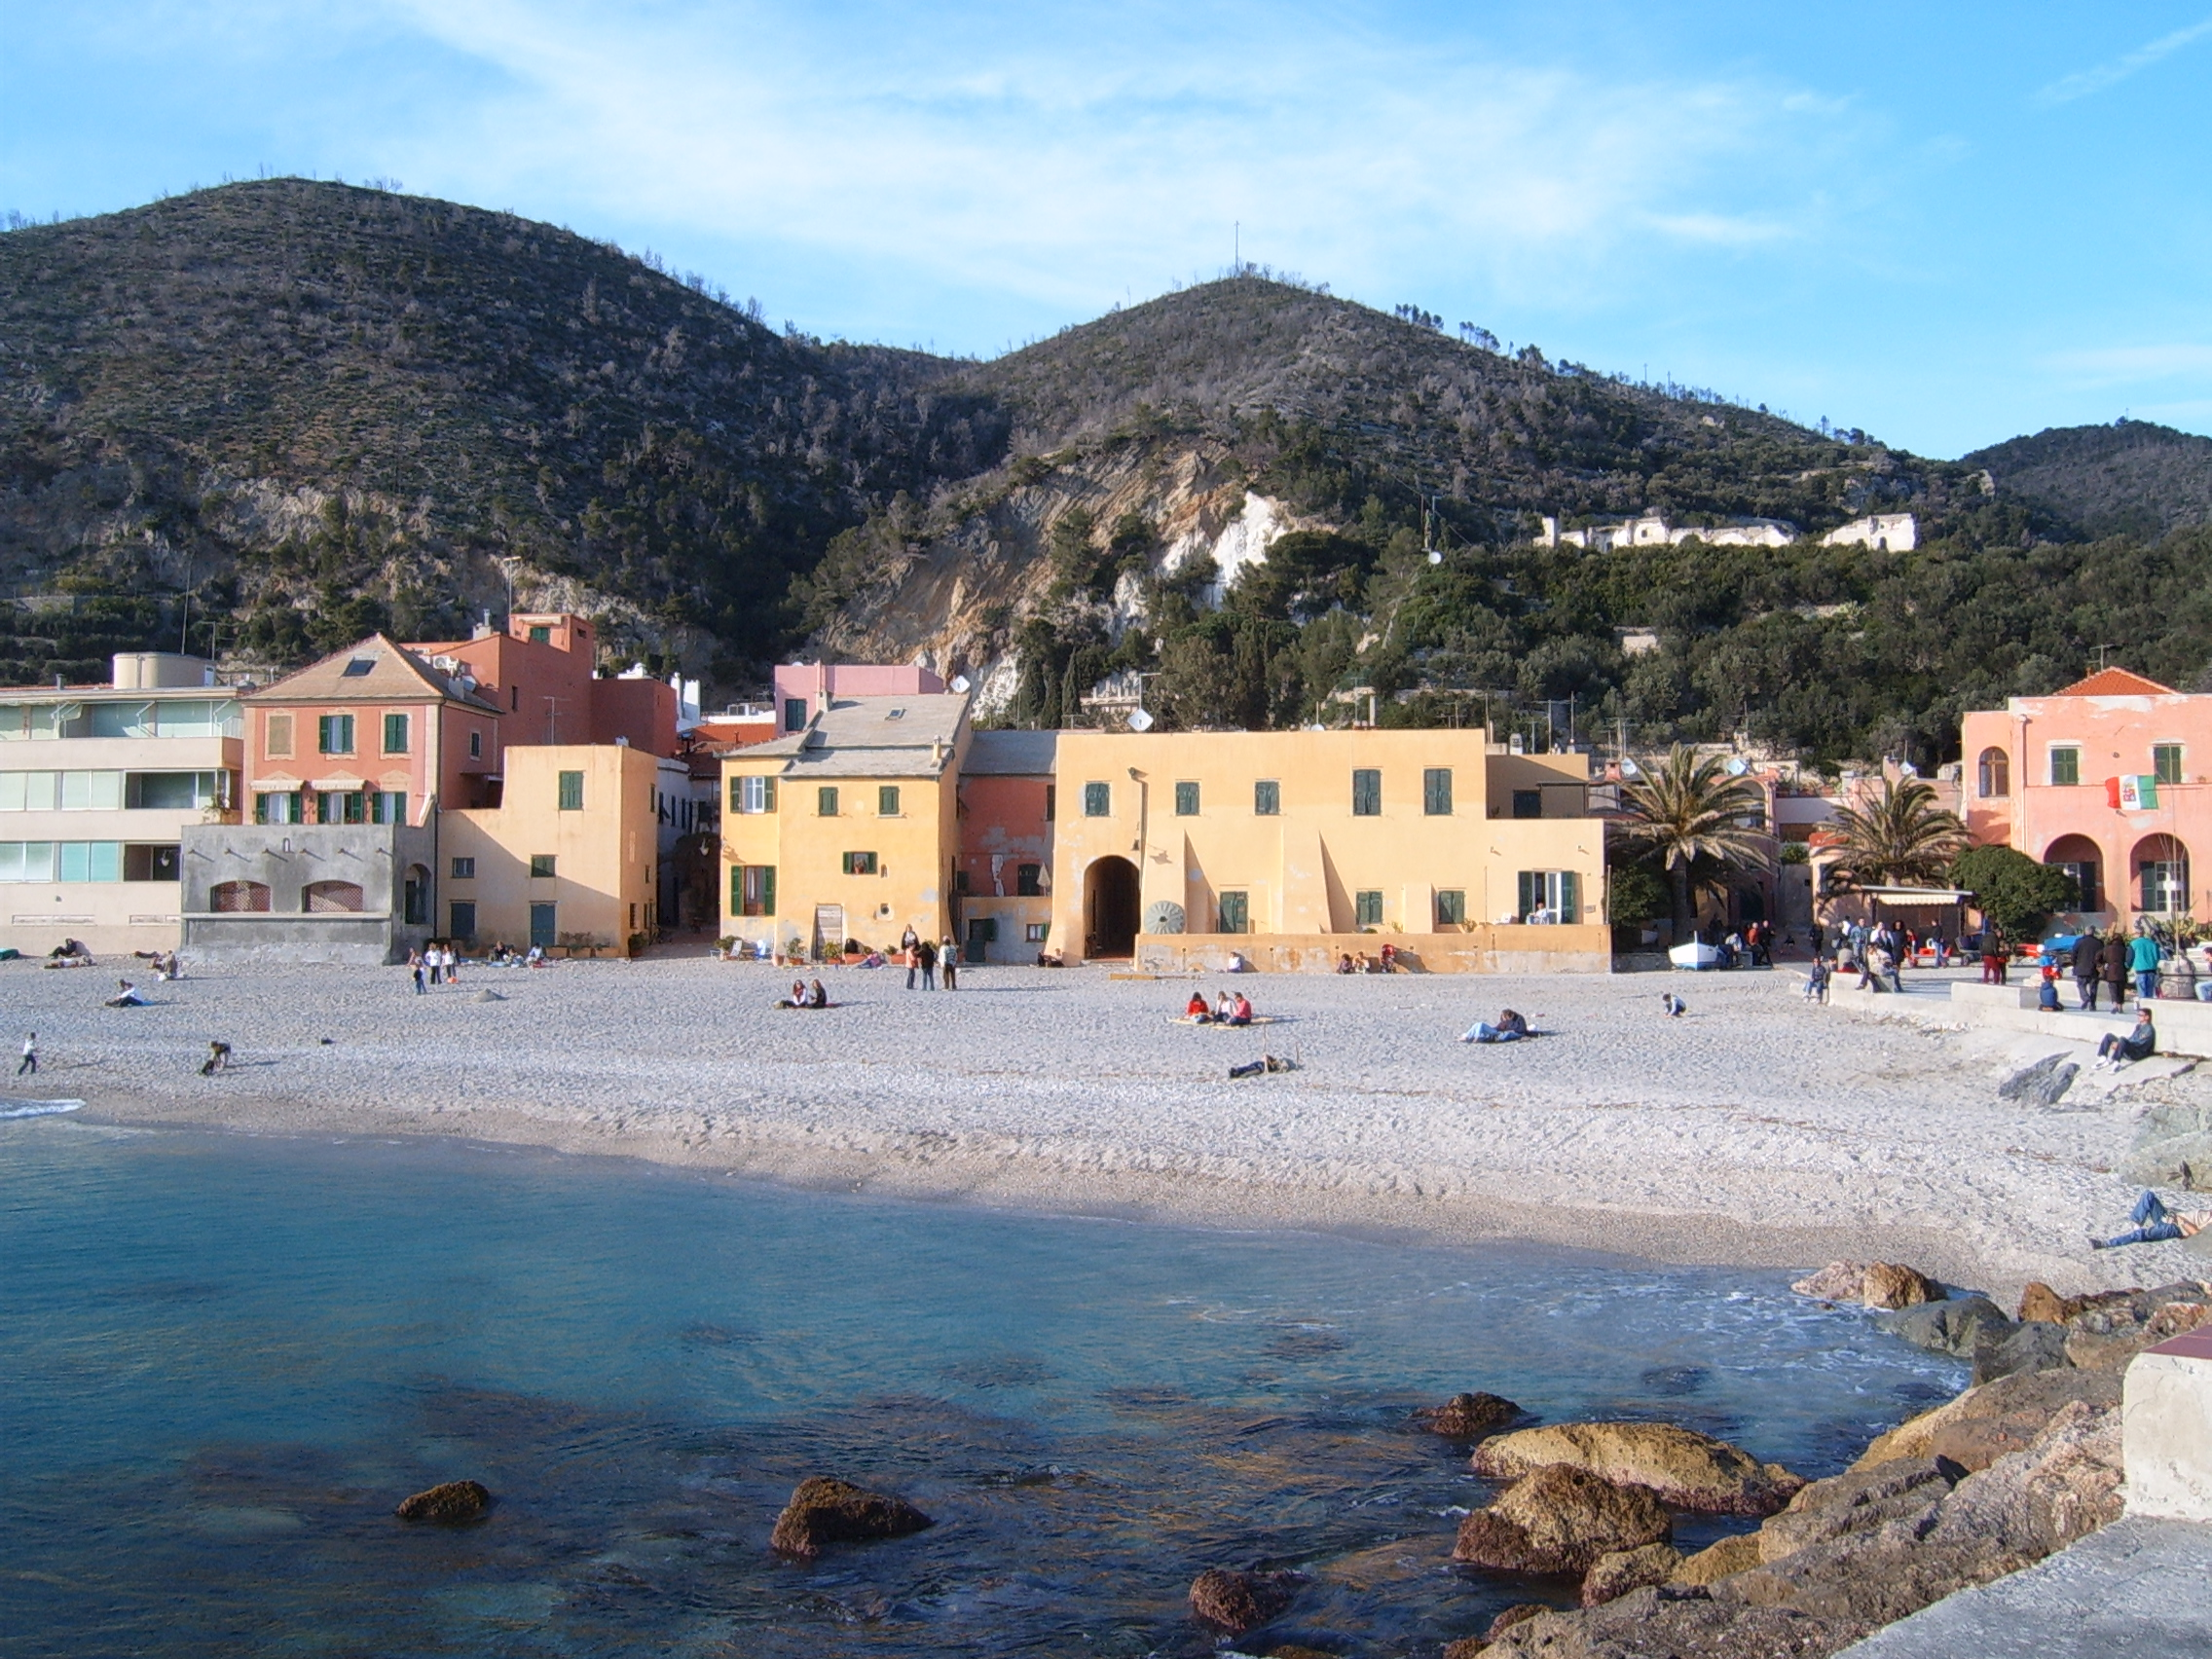 Blog Finale Ligure Ecco Il Presepe Della Liguria